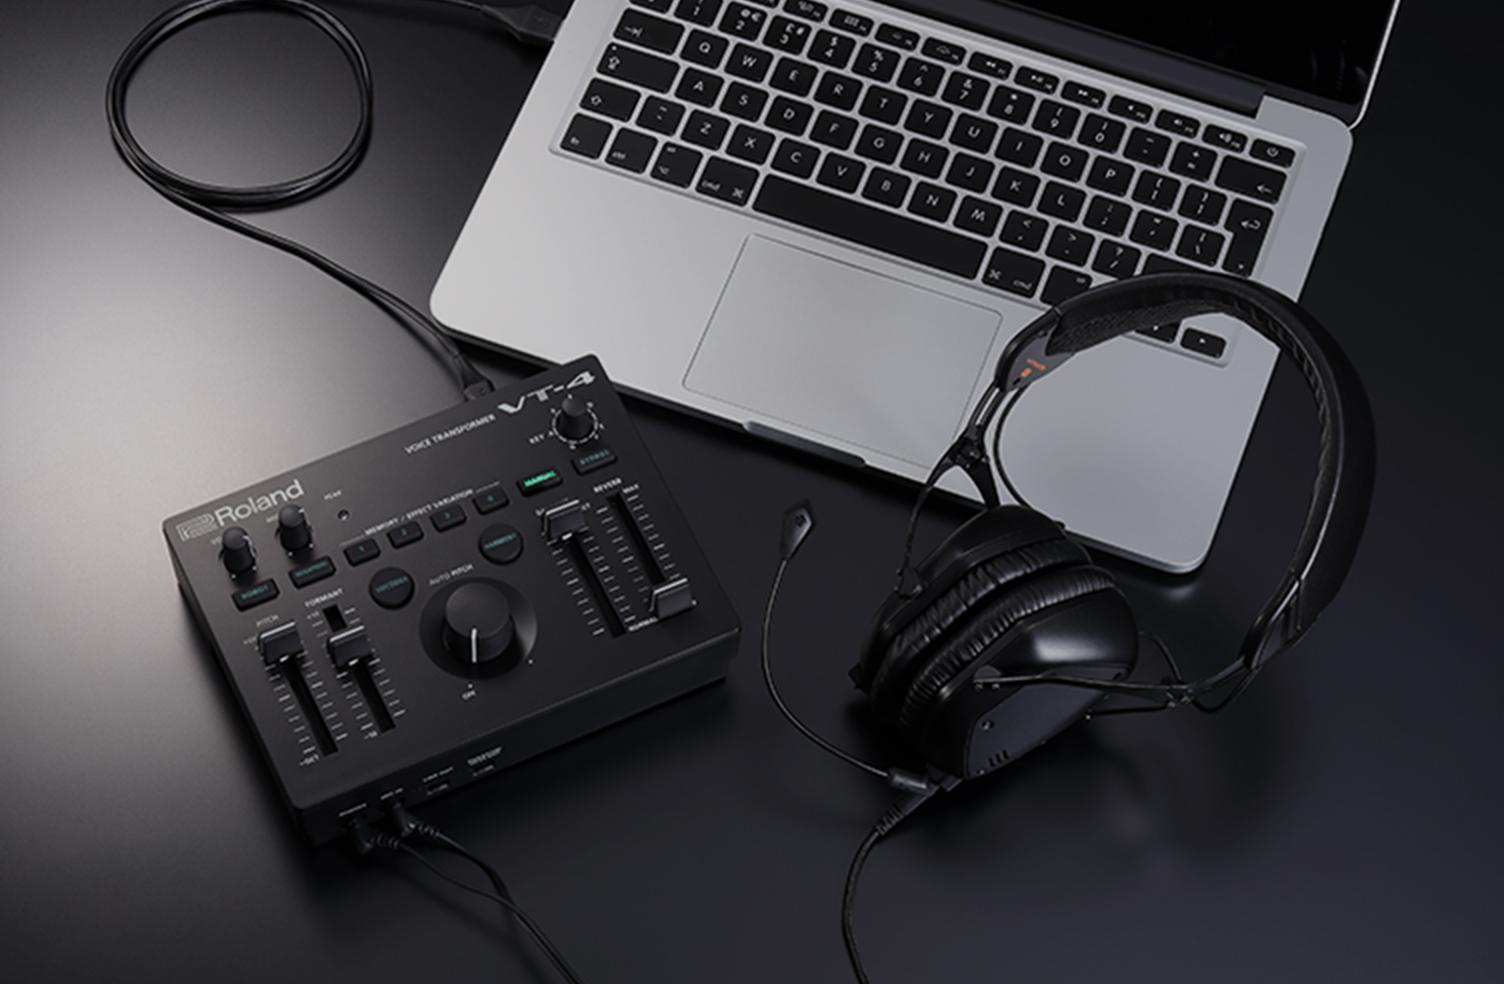 演じる楽しさを VT-4はUSB(AUDIO/MIDI)インターフェース機能を搭載しており、ループバックにも対応しています。VT-4のAUDIOインターフェース機能と、リアルタイムの音声加工とを組み合わせることで、たとえばストリーミング配信やポッドキャスティング、ゲームチャットの声にエフェクトをかけてキャラクターを付けることもできます。場面やキャラクターに合わせて、声を変えて演出することでバラエティに富んだ配信を楽しめます。